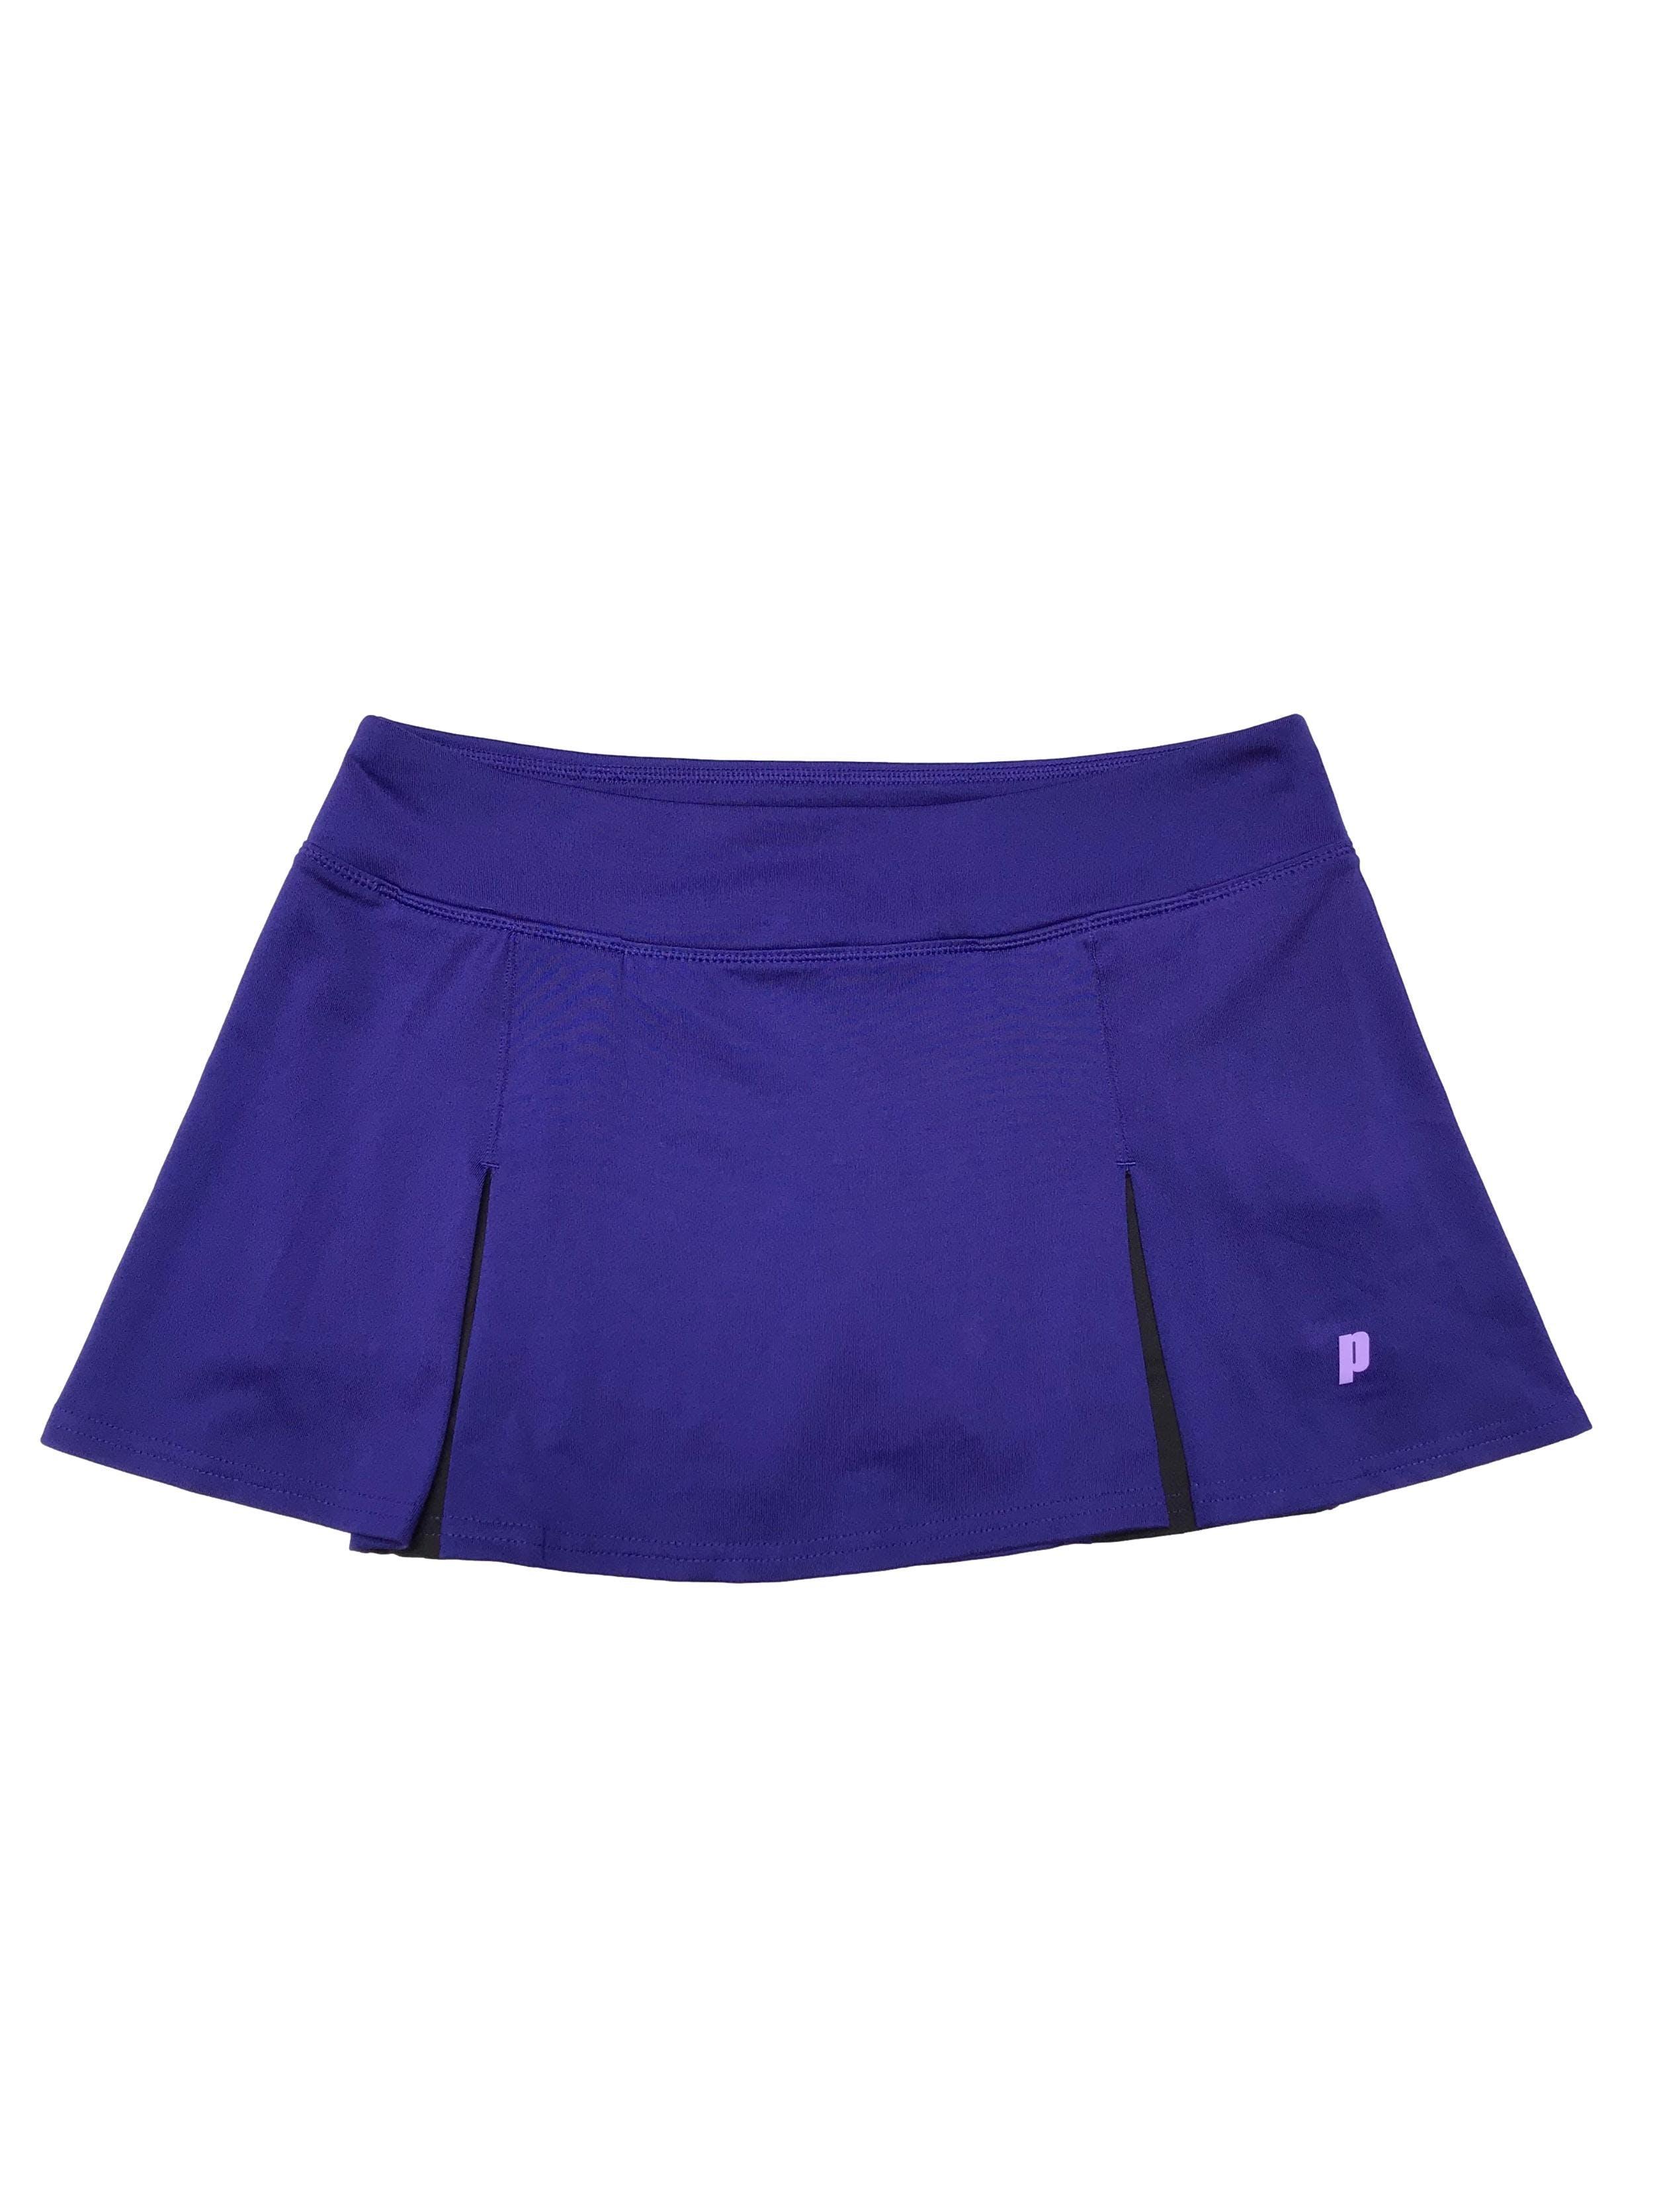 Falda de tennis Prince, con short interno, de lycra. Pretina 76cm sin estirar Largo 30cm